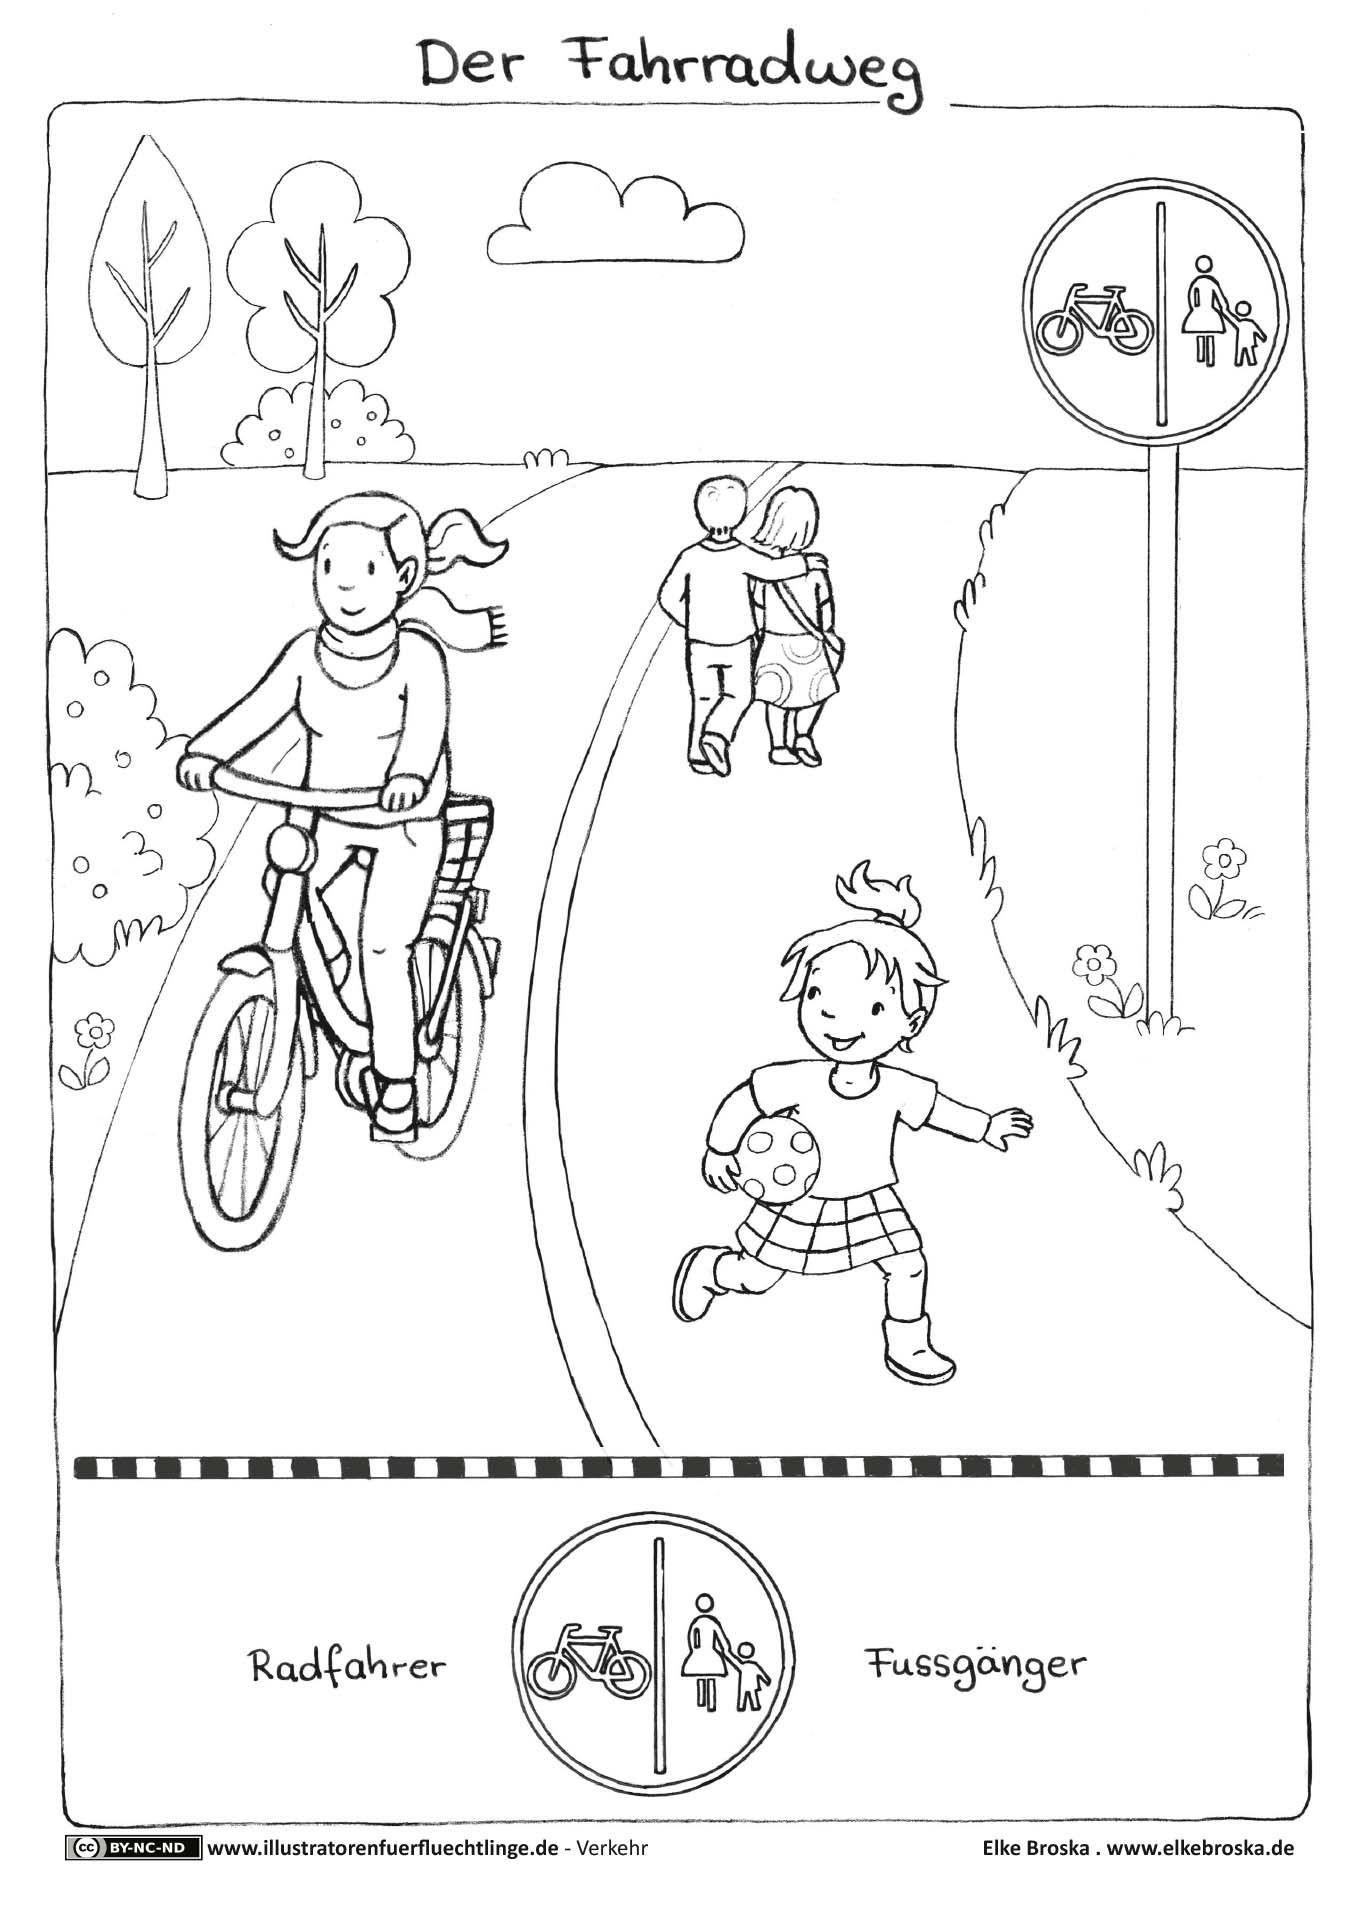 Playmobil Ausmalbilder Schule : Verkehr Fahrrad Fahrradweg Broska Road Safety Pinterest